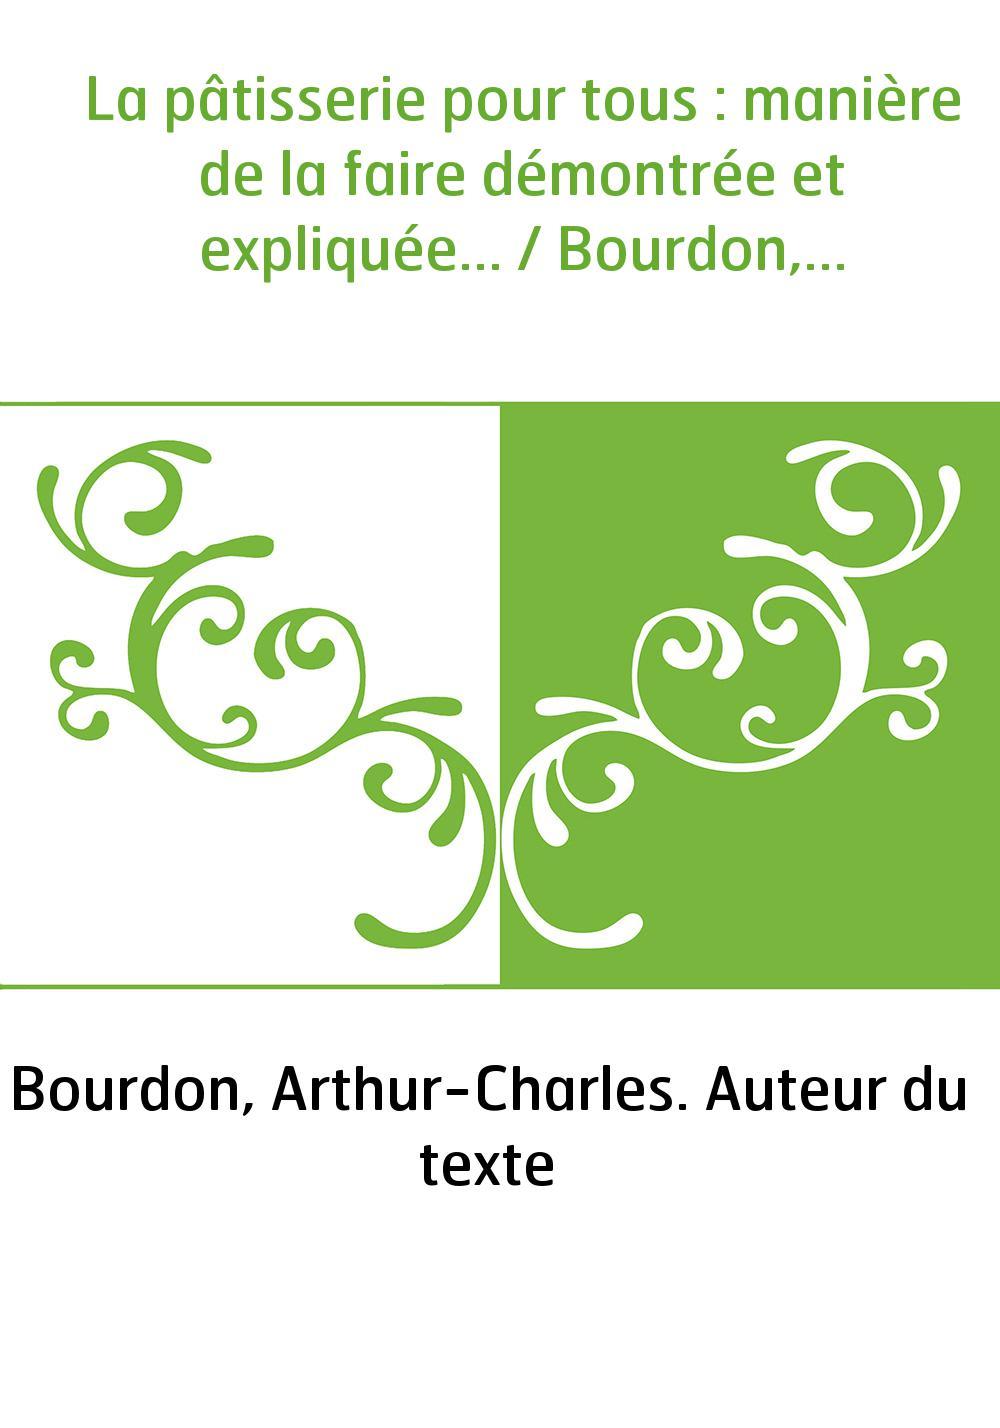 La pâtisserie pour tous : manière de la faire démontrée et expliquée... / Bourdon,...